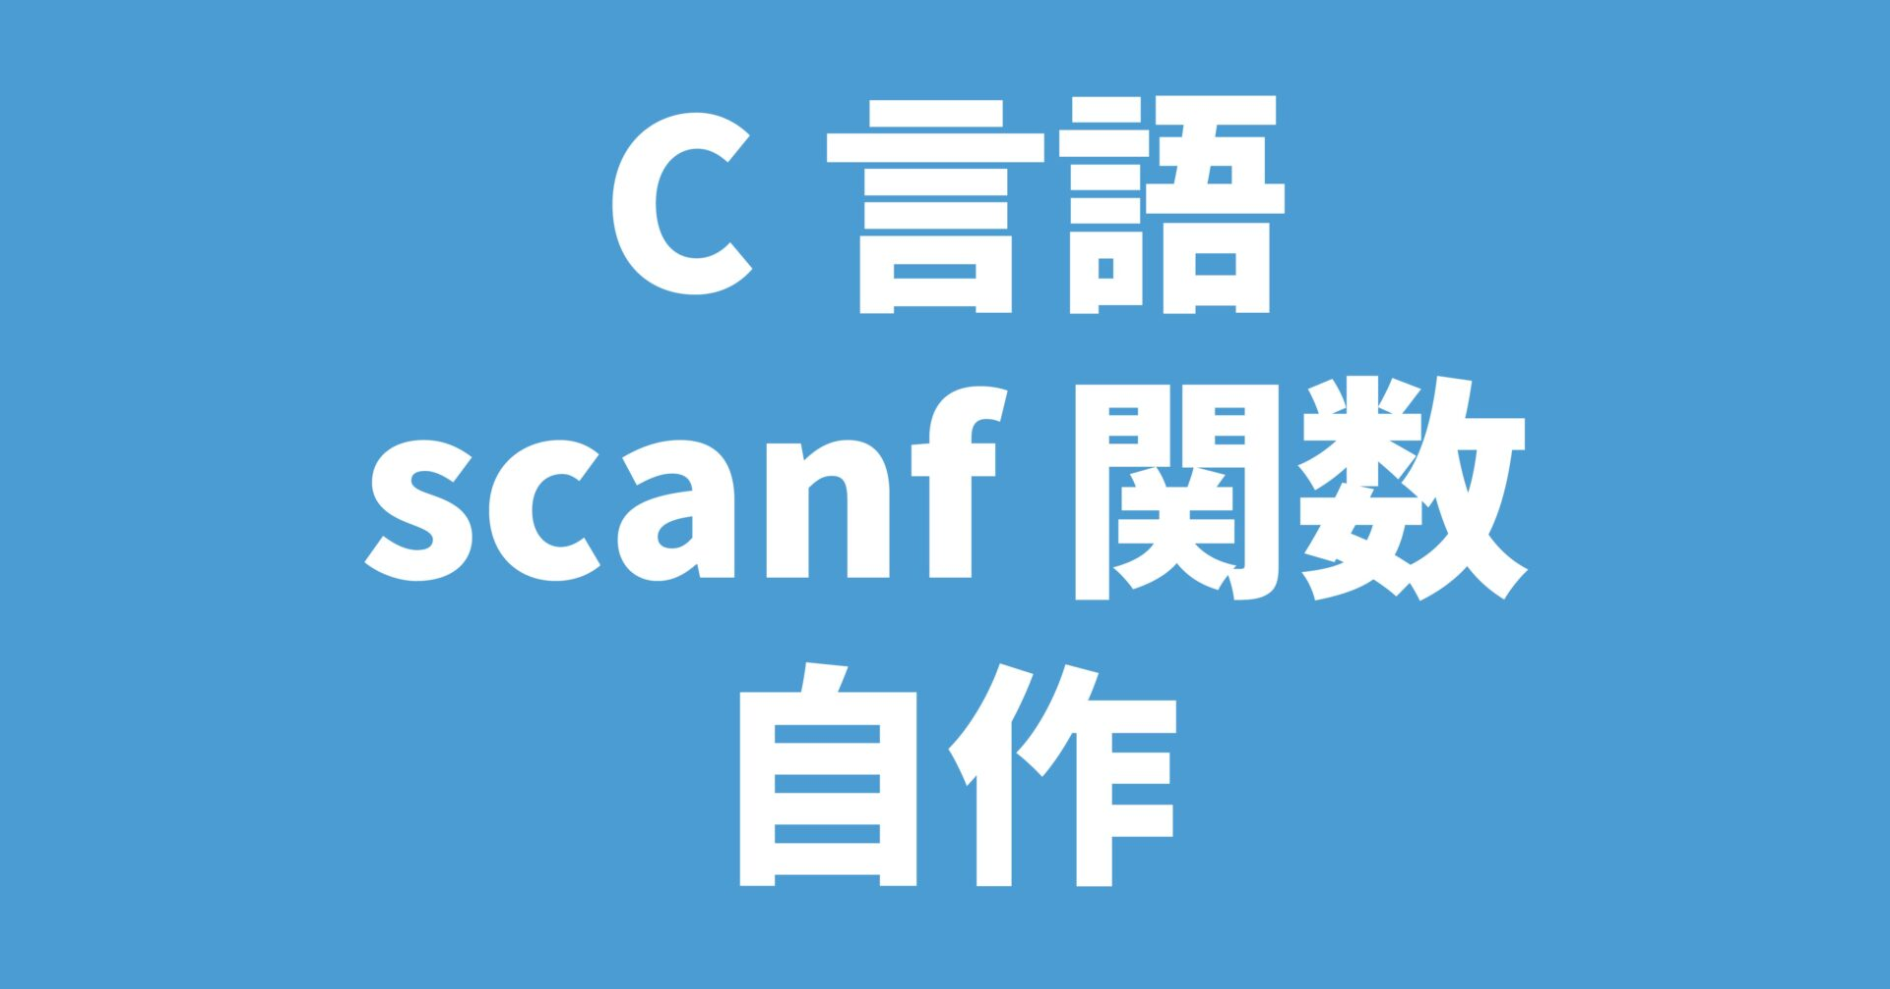 C言語 scanf関数 自作